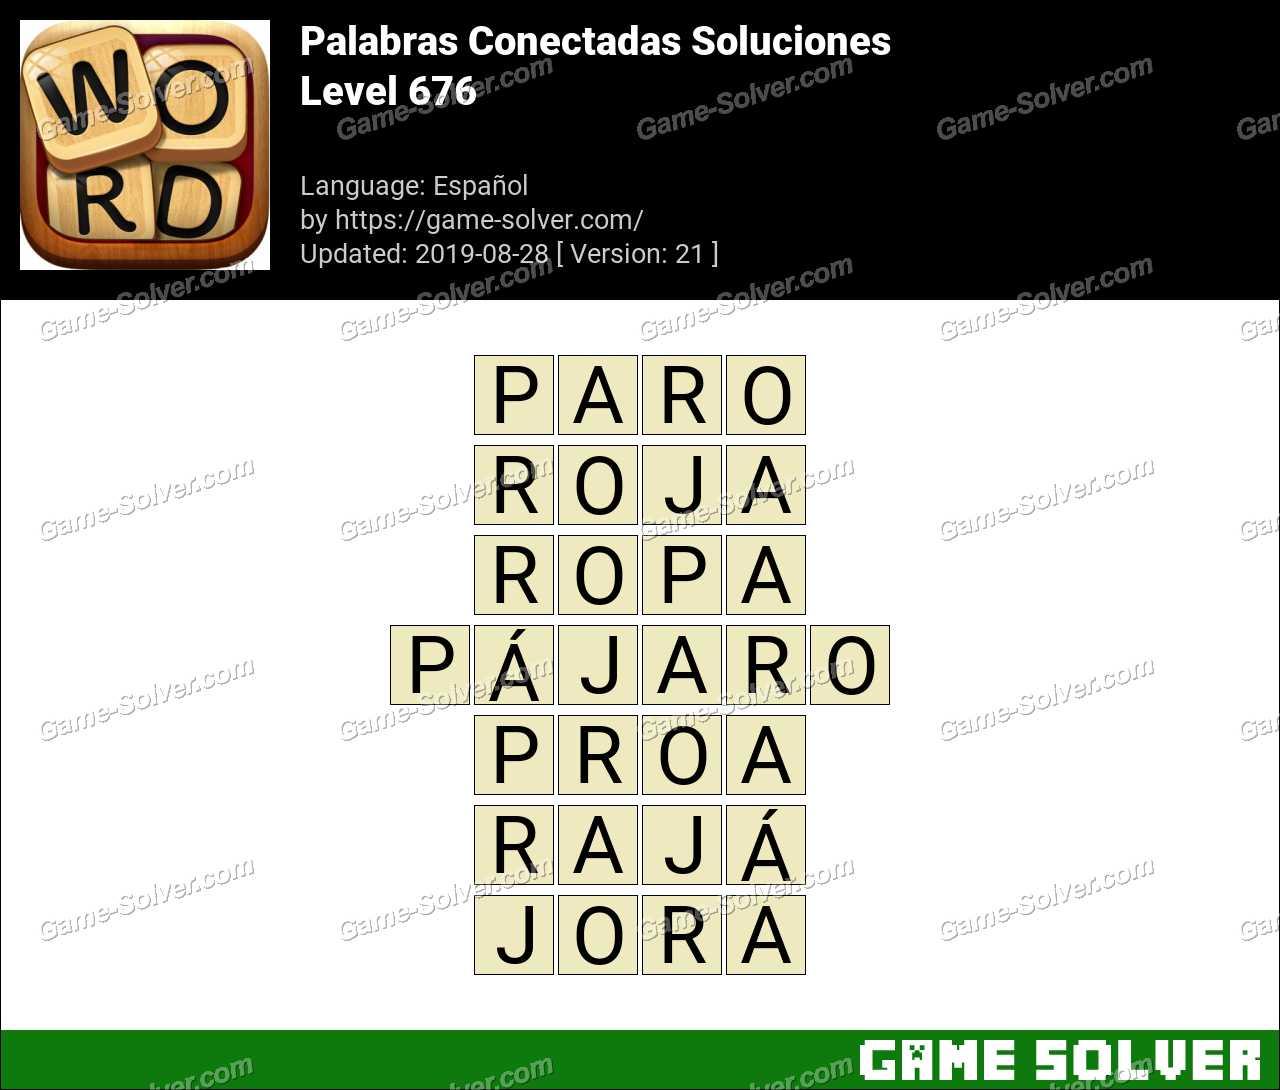 Palabras Conectadas Nivel 676 Soluciones